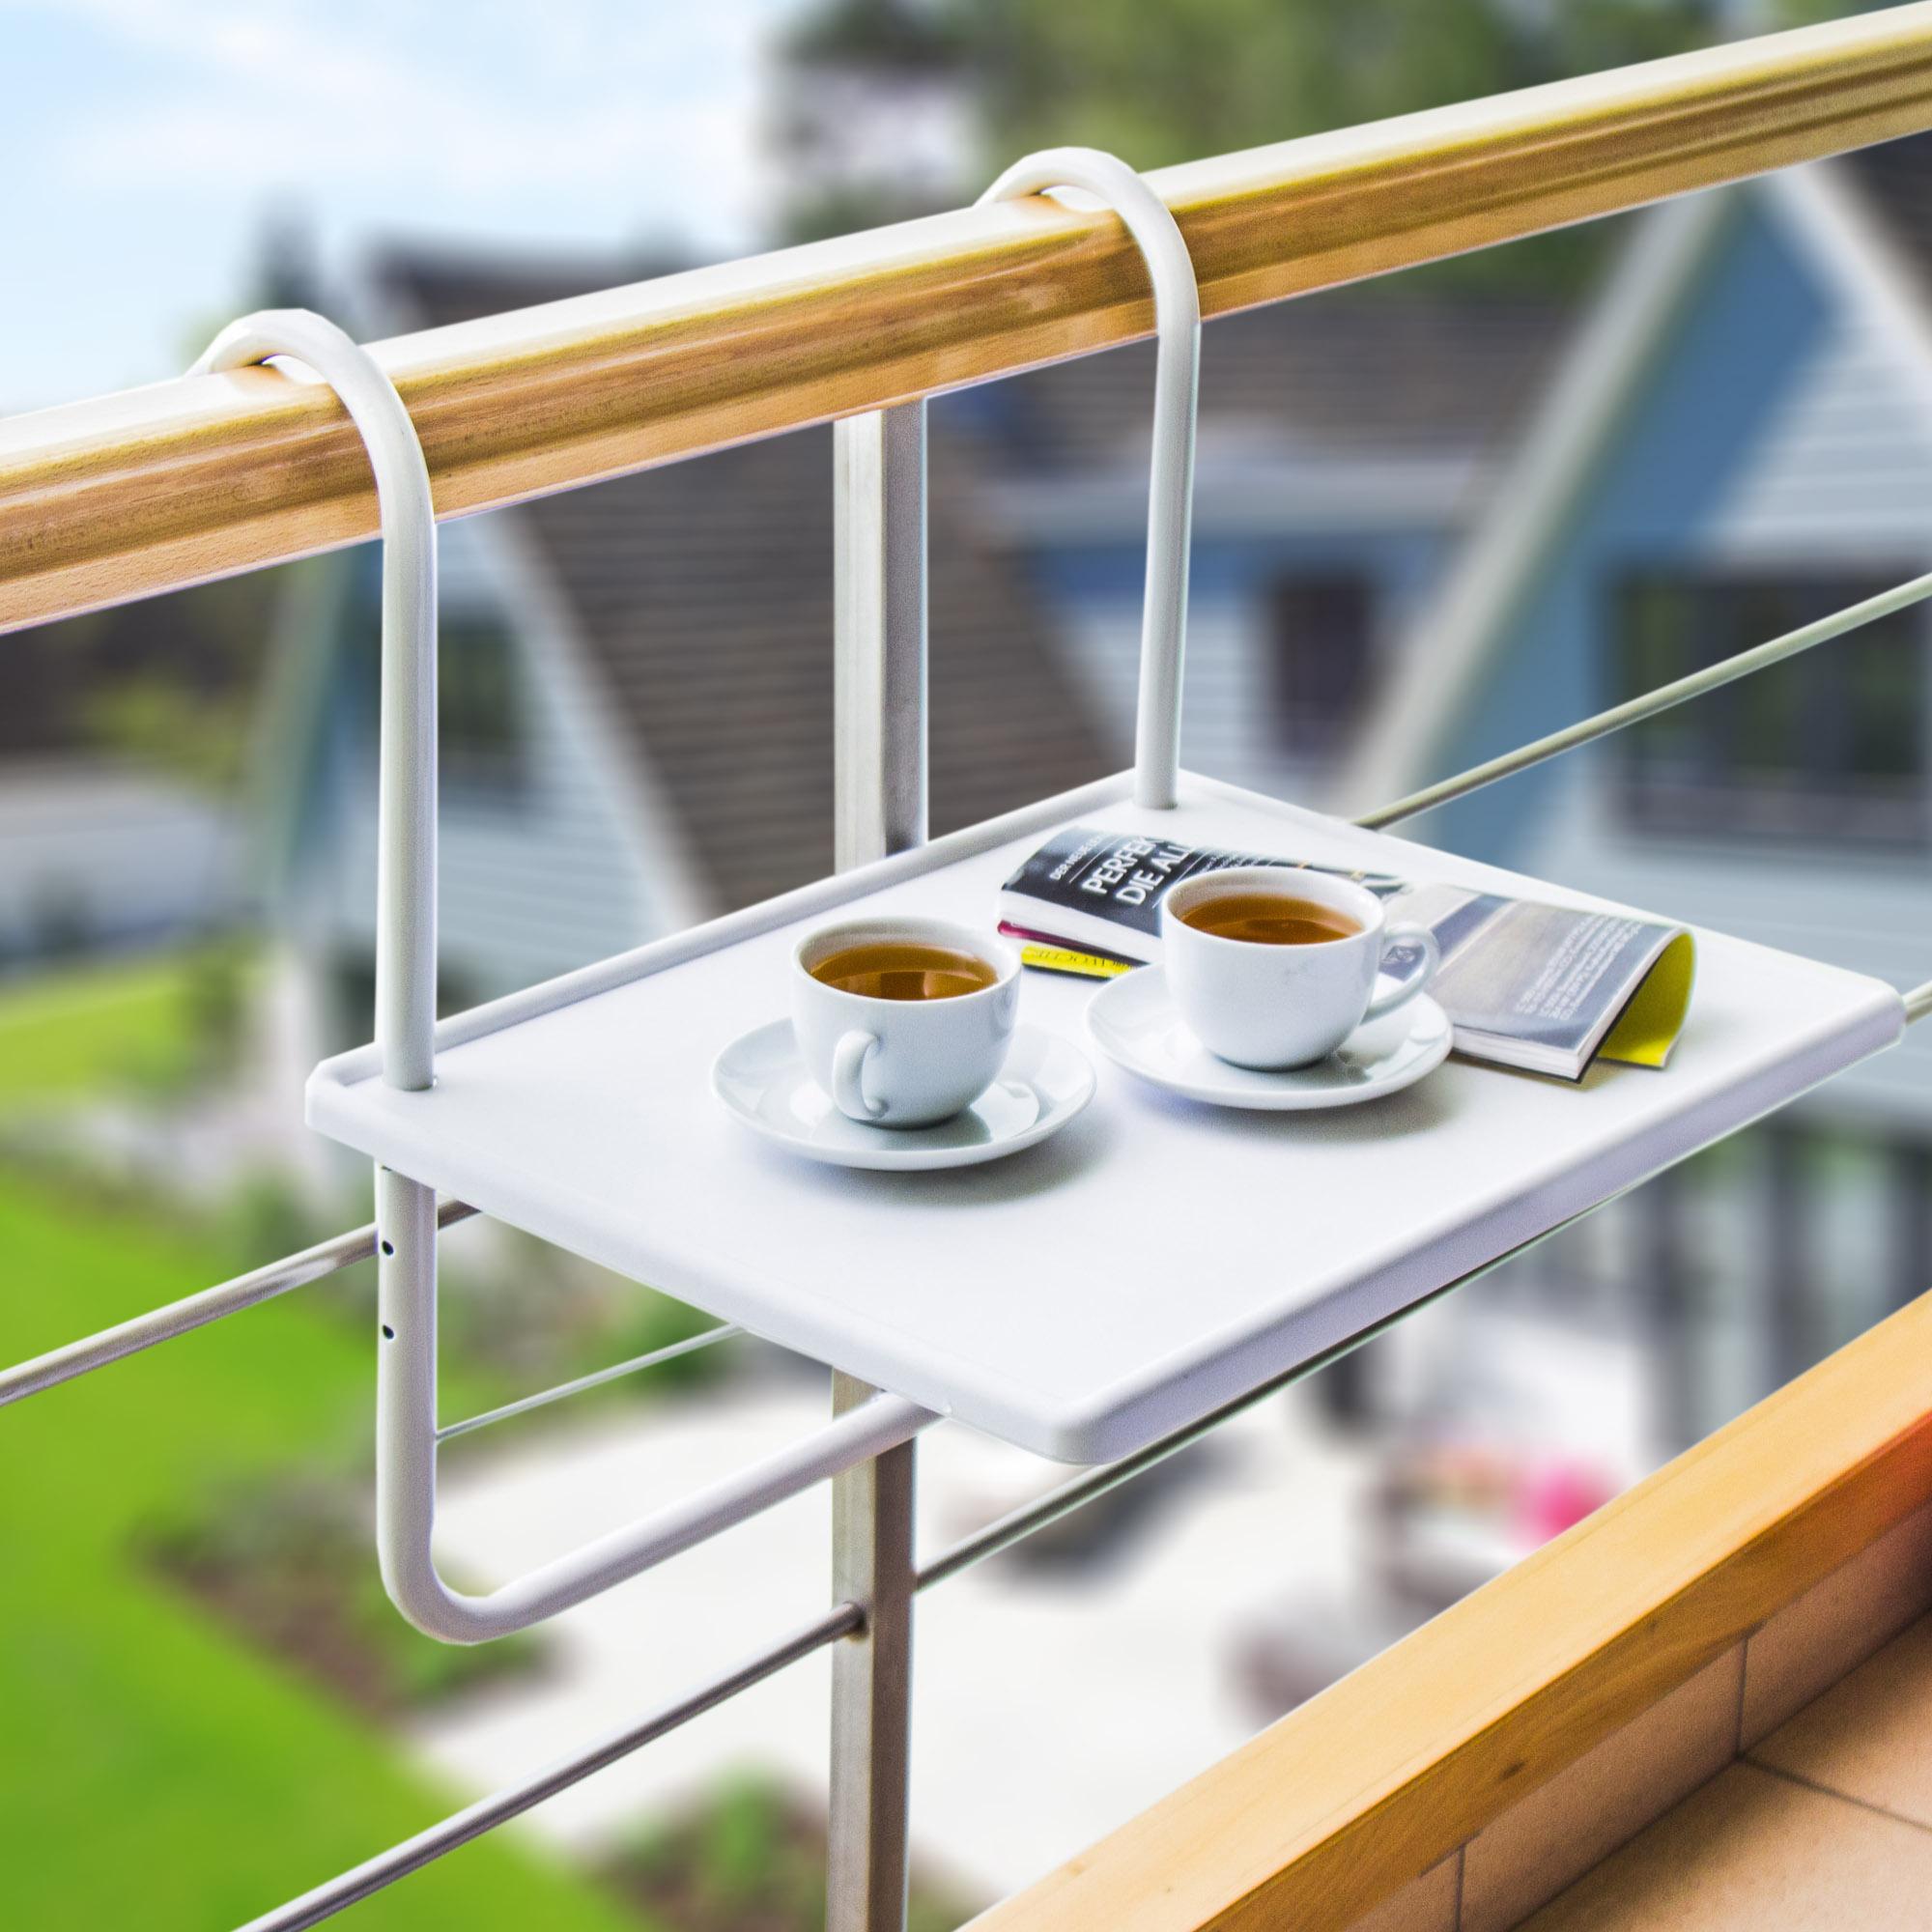 Stolik Na Balkon Podwieszany Plastikowy Ambiance Biały